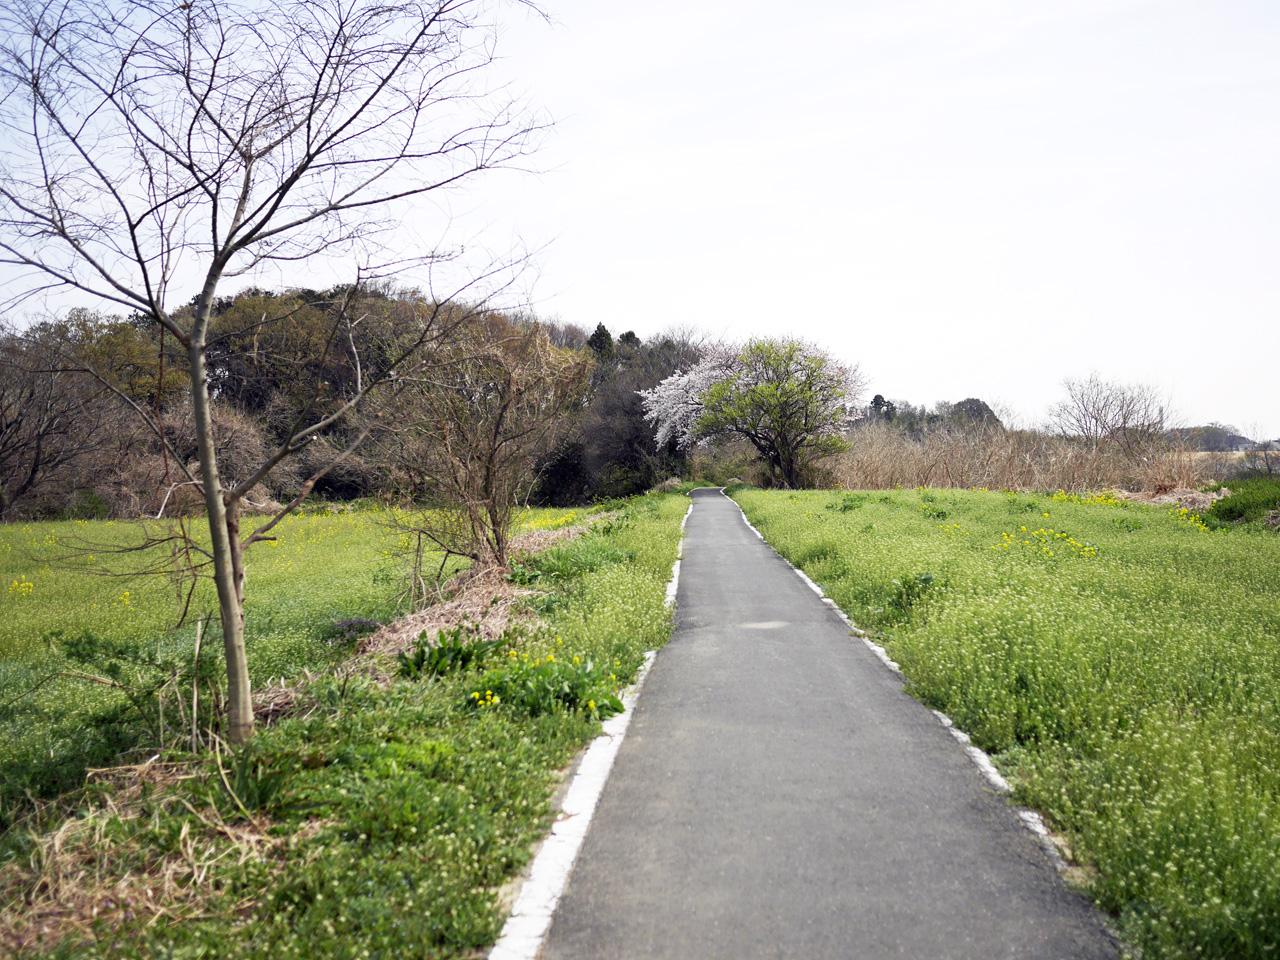 榎本牧場から県央ふれあいんぐロードで開平橋まで南下